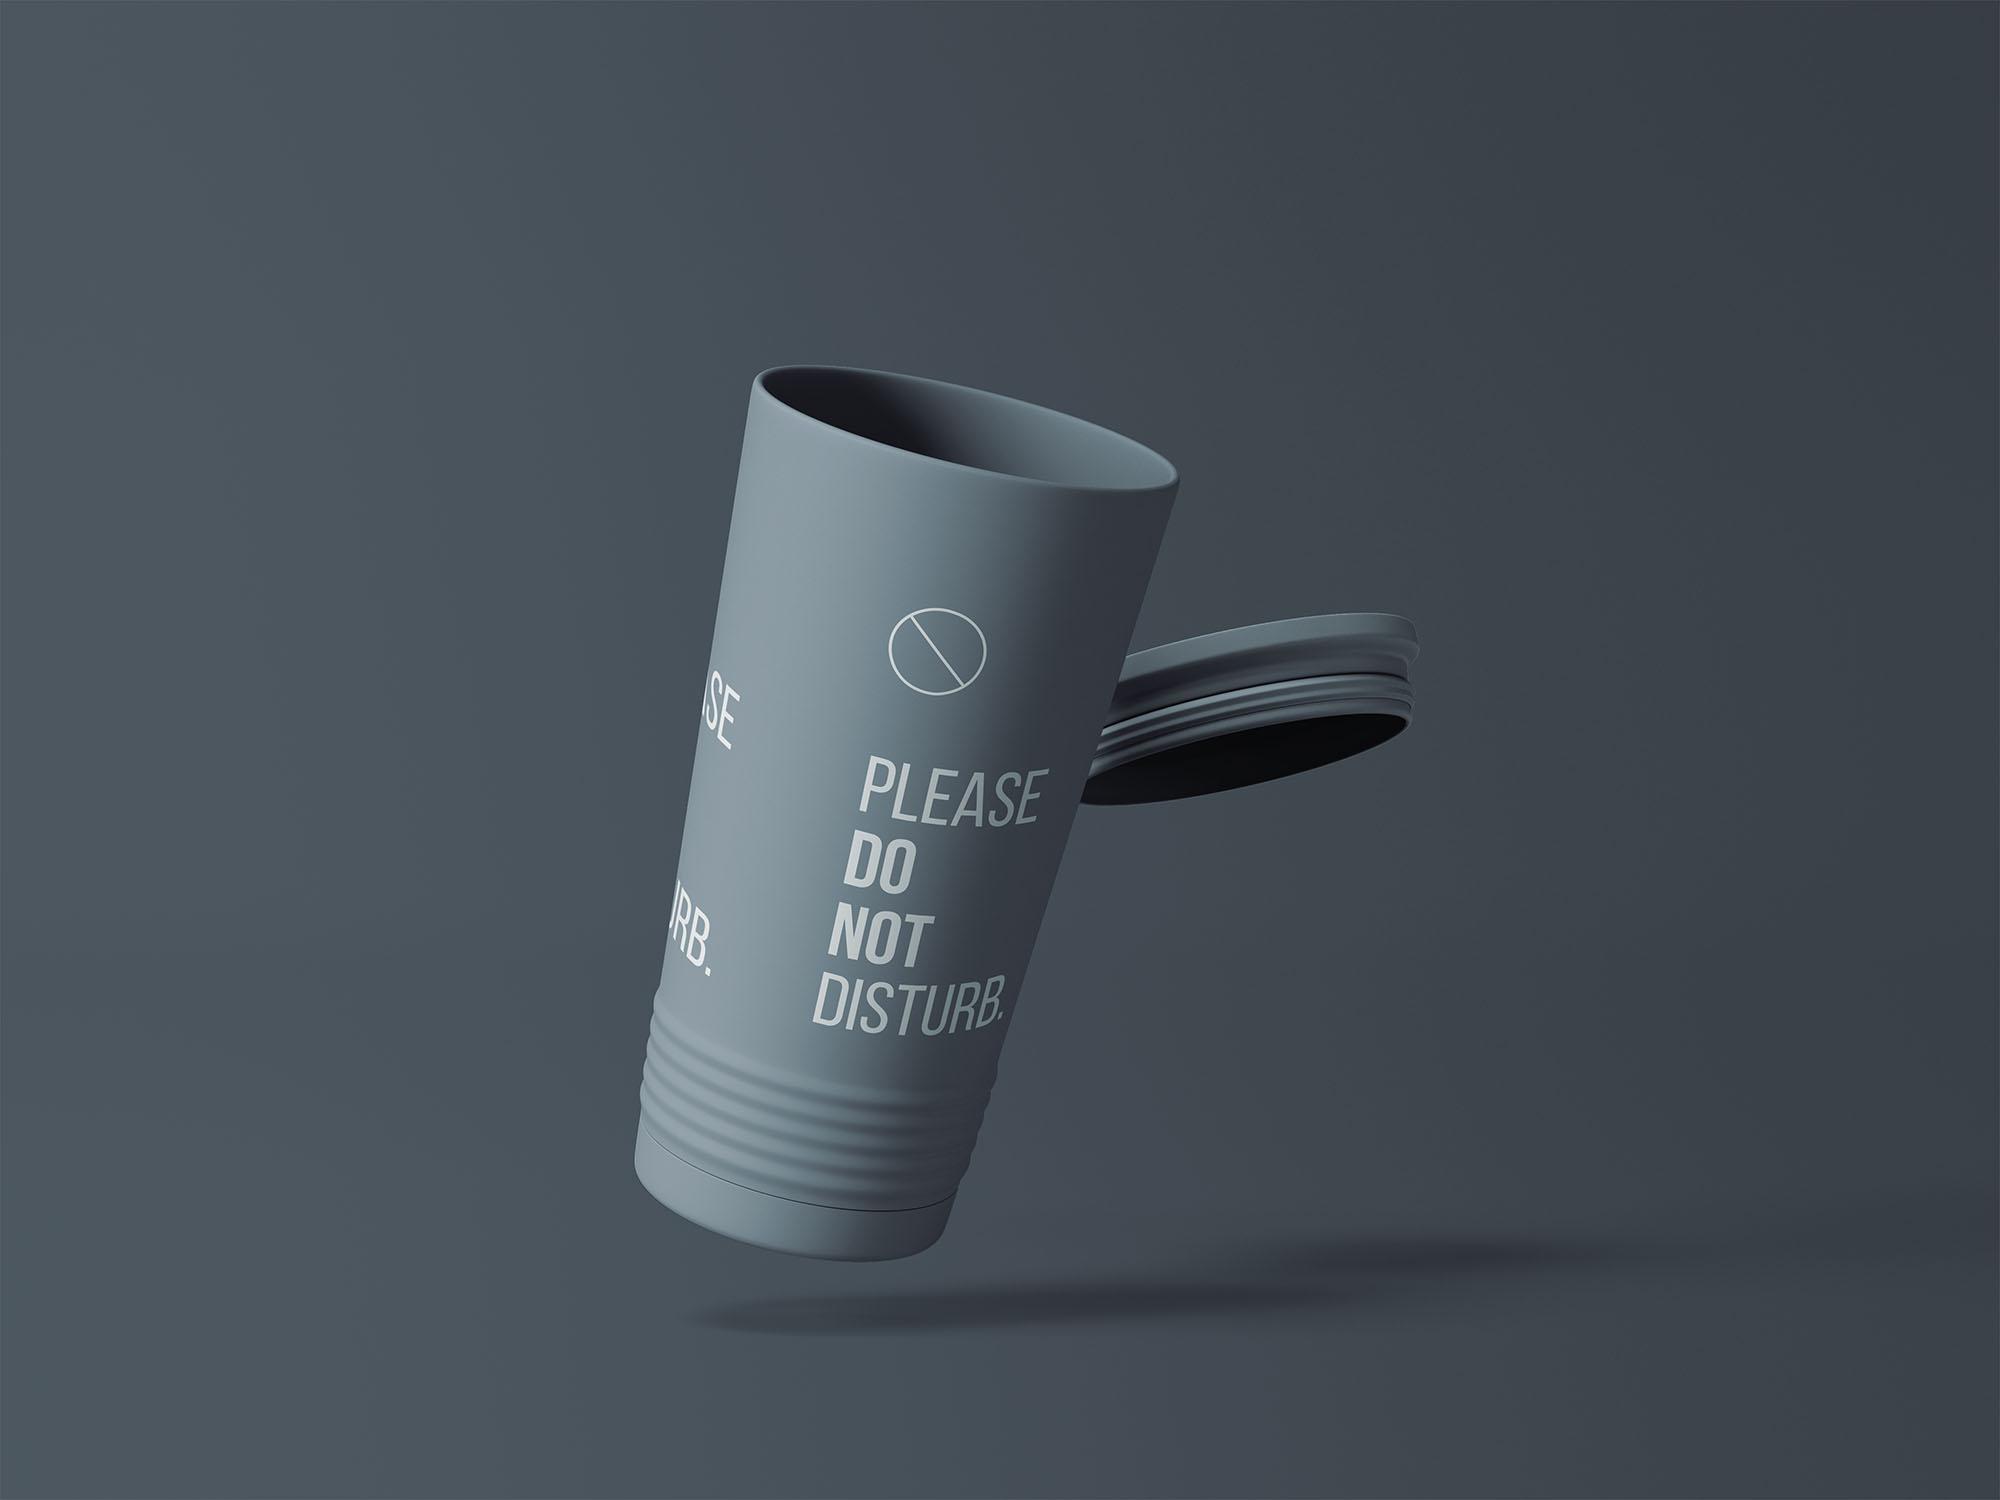 带盖塑料水杯样机模板 Tumbler Cup Mockup插图